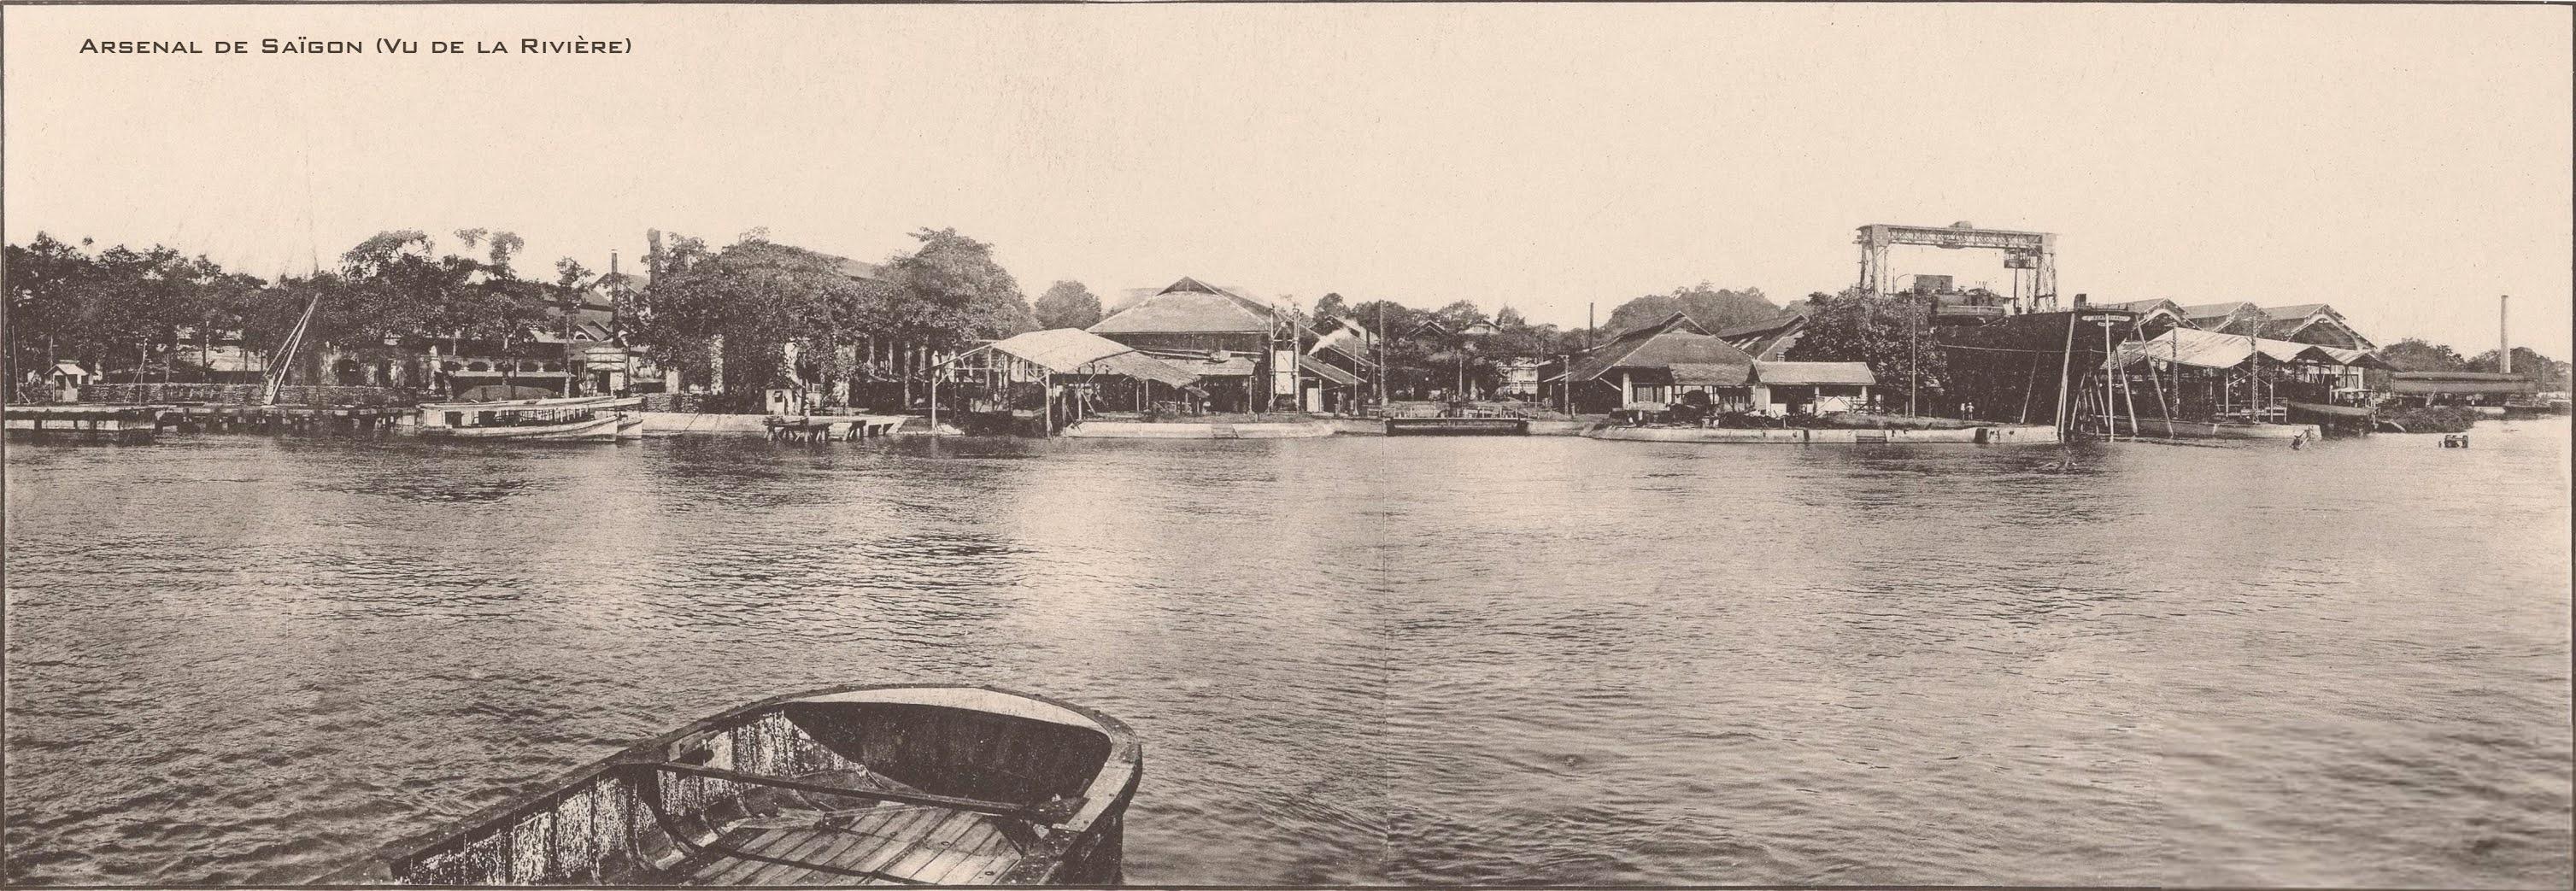 Hình ảnh Việt Nam xưa: Đường phố Sài Gòn cách nay đúng 1 thế kỷ (1921 - 2021)